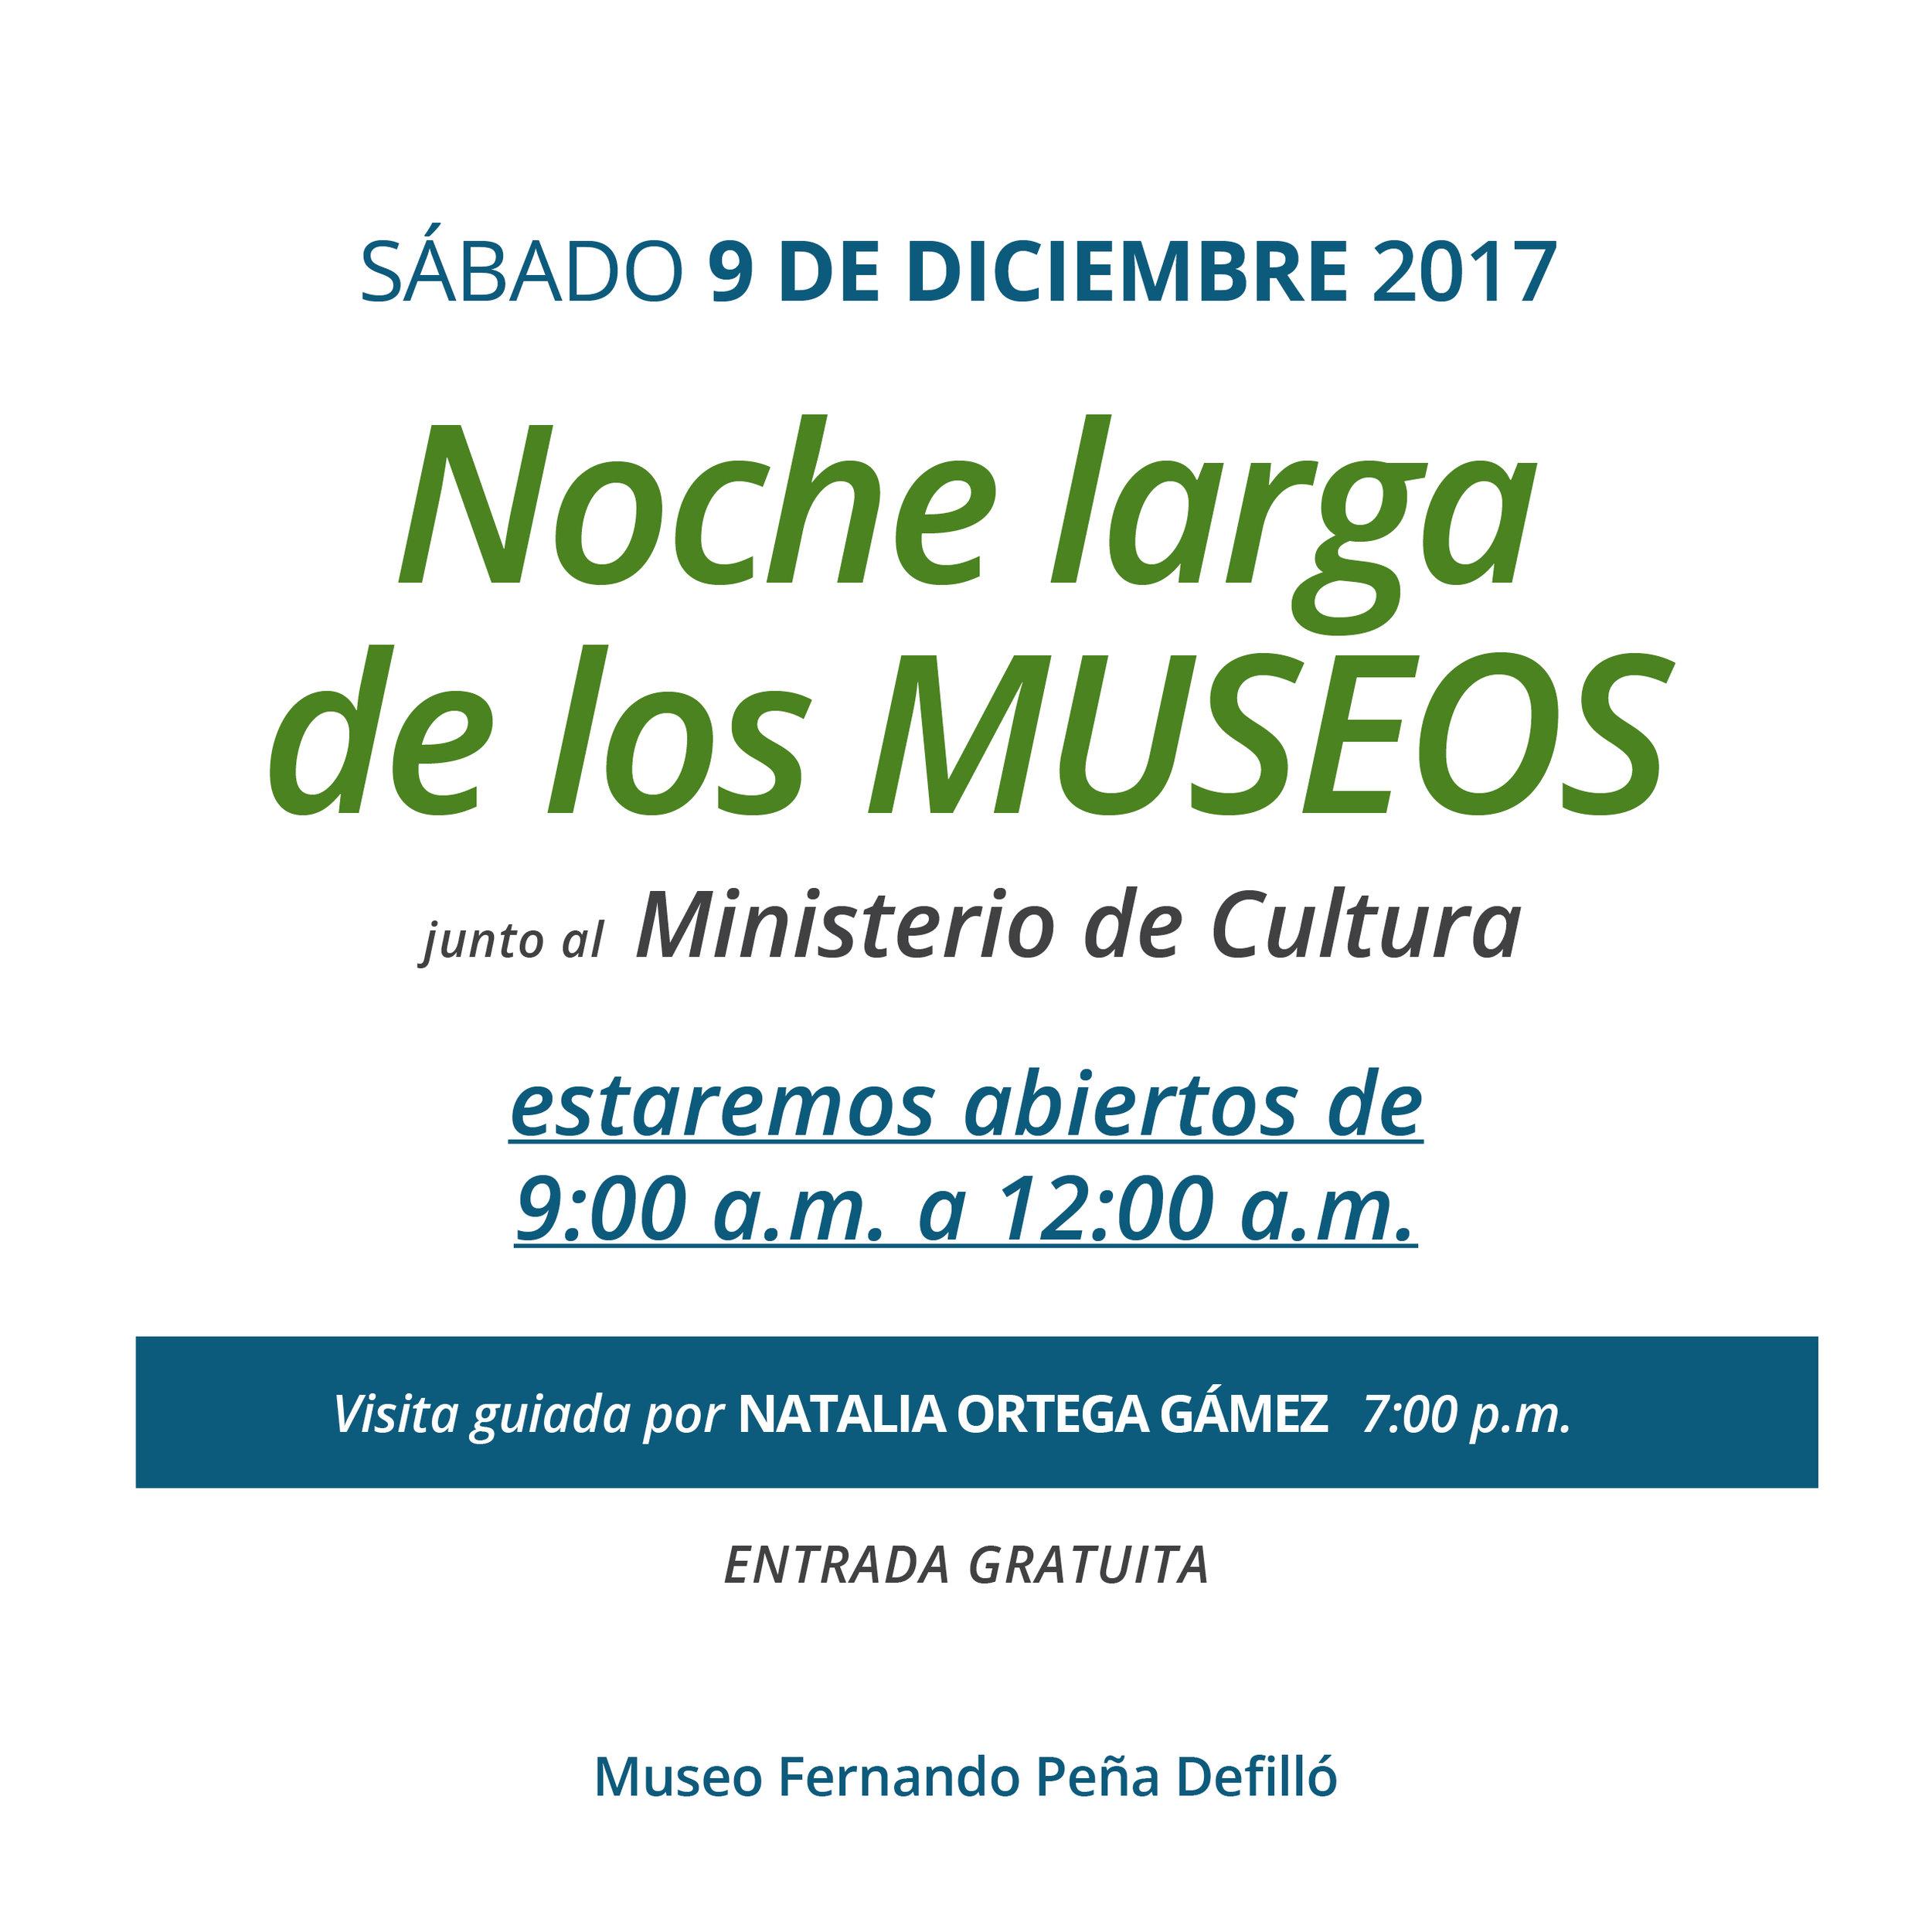 2017-12-09 Noche larga de Museos.jpg